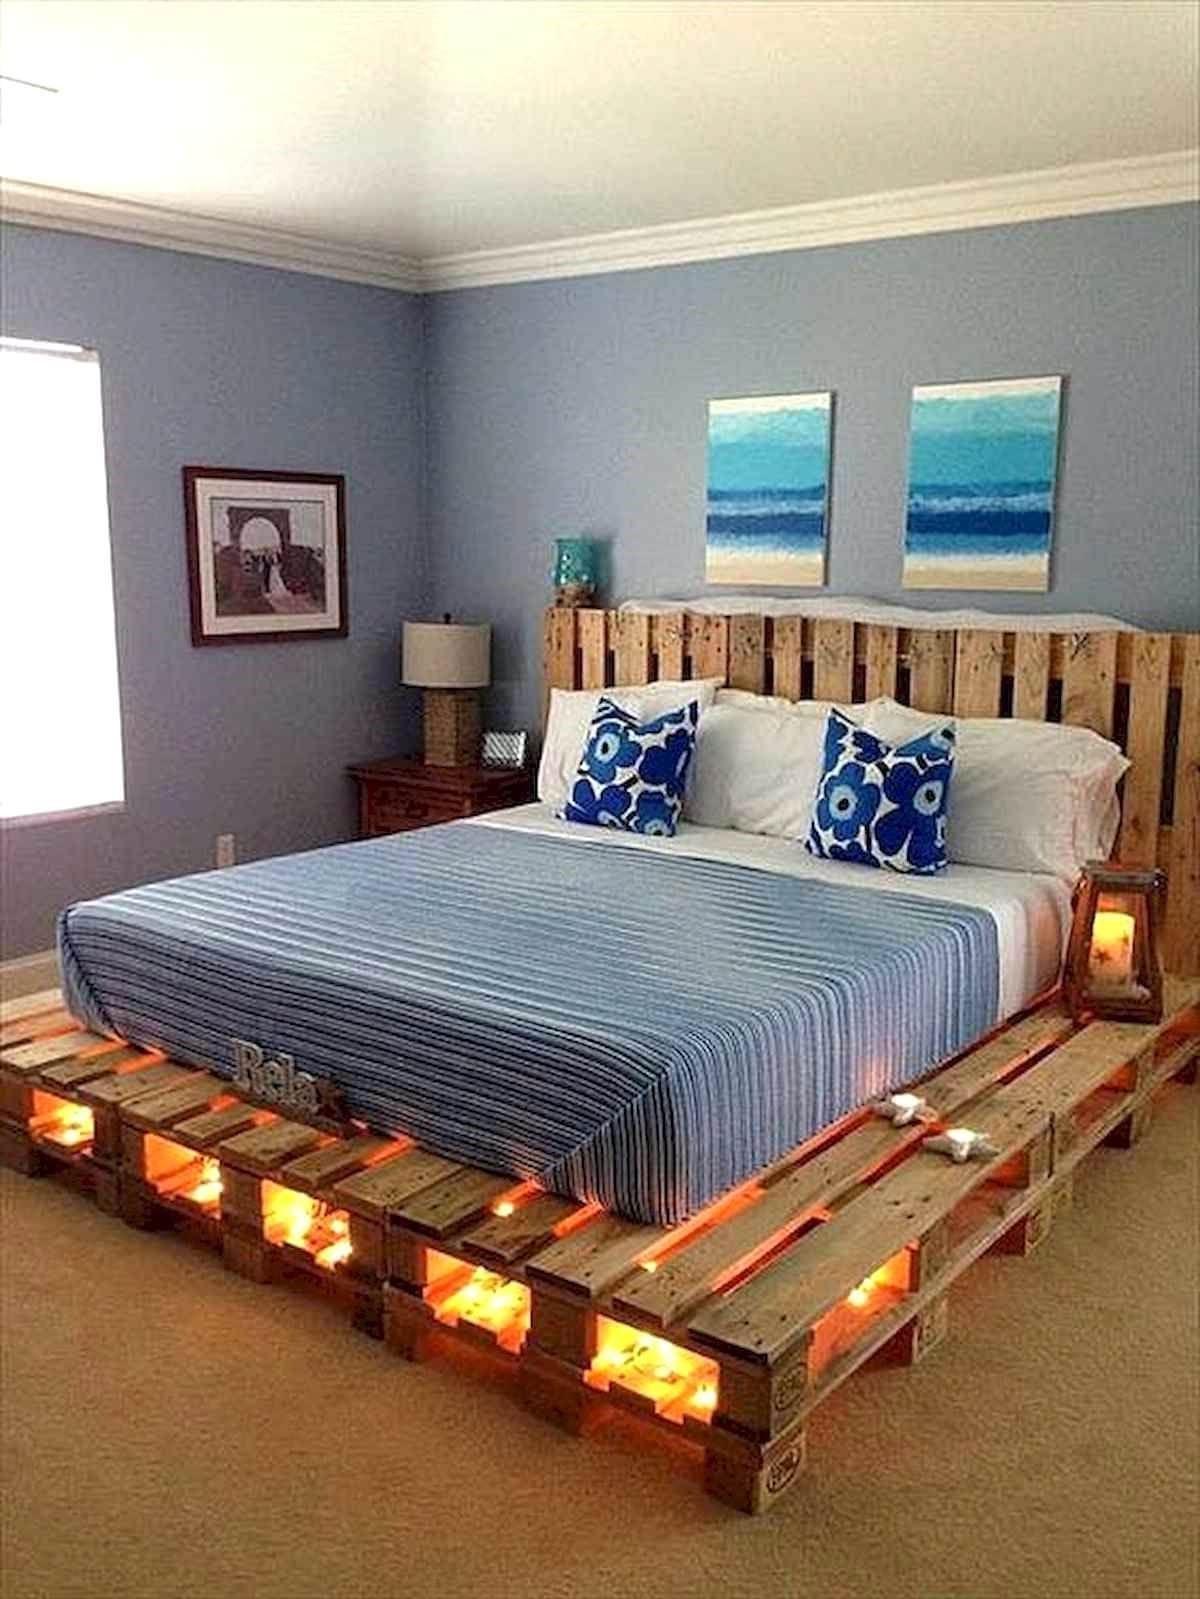 Cadre de lit en palette décoré avec des guirlandes lumineuses.